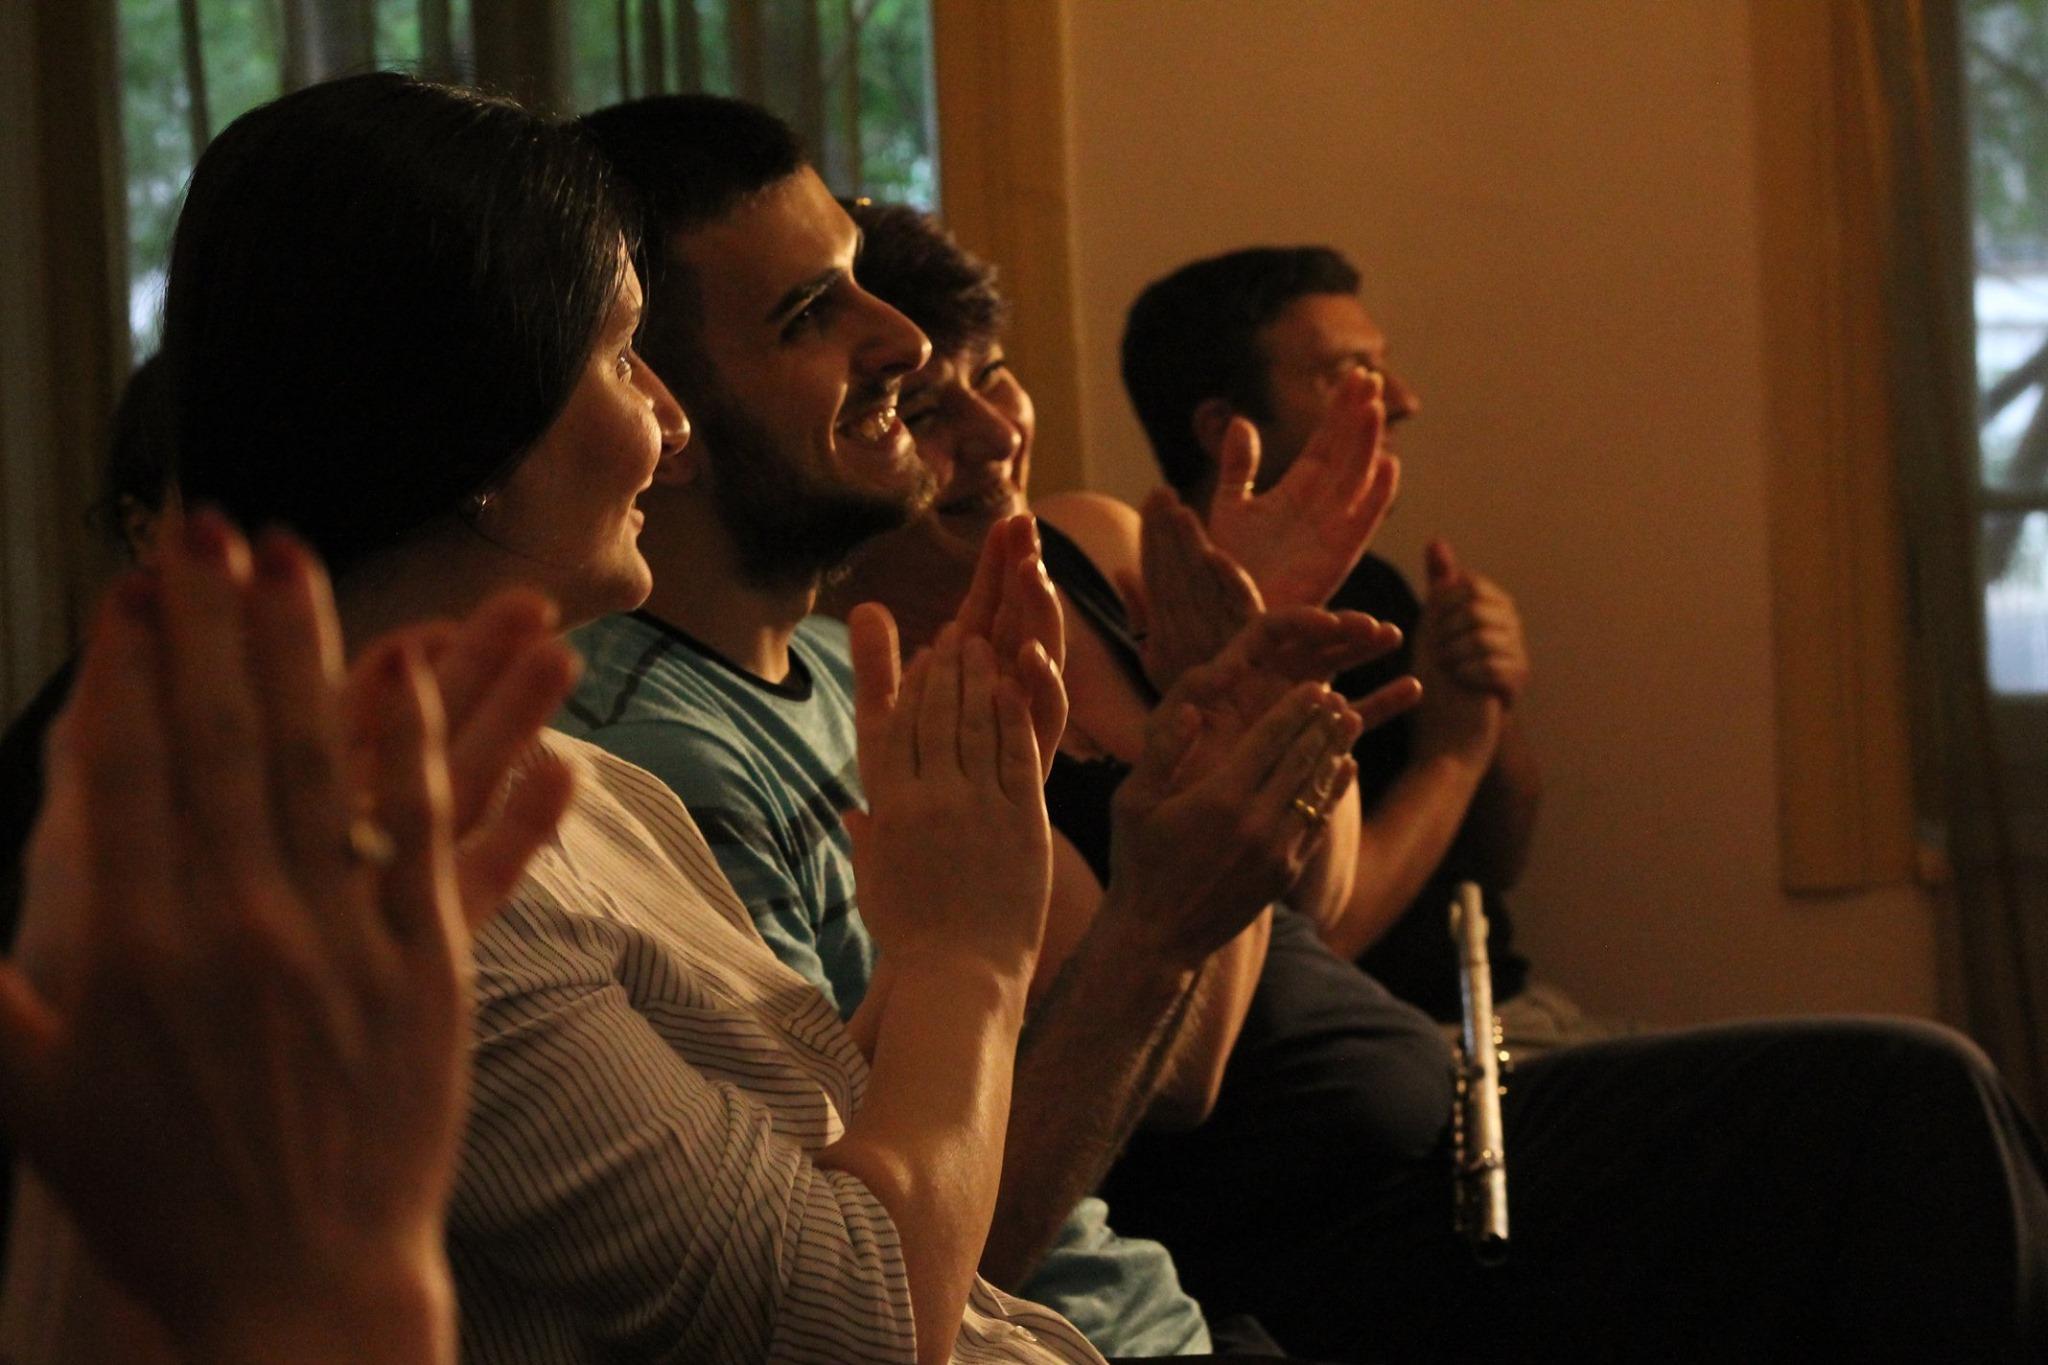 62346211 888542644815243 5913010218047897600 o - მუსიკა ქართული ანიმაციური ფილმებიდან